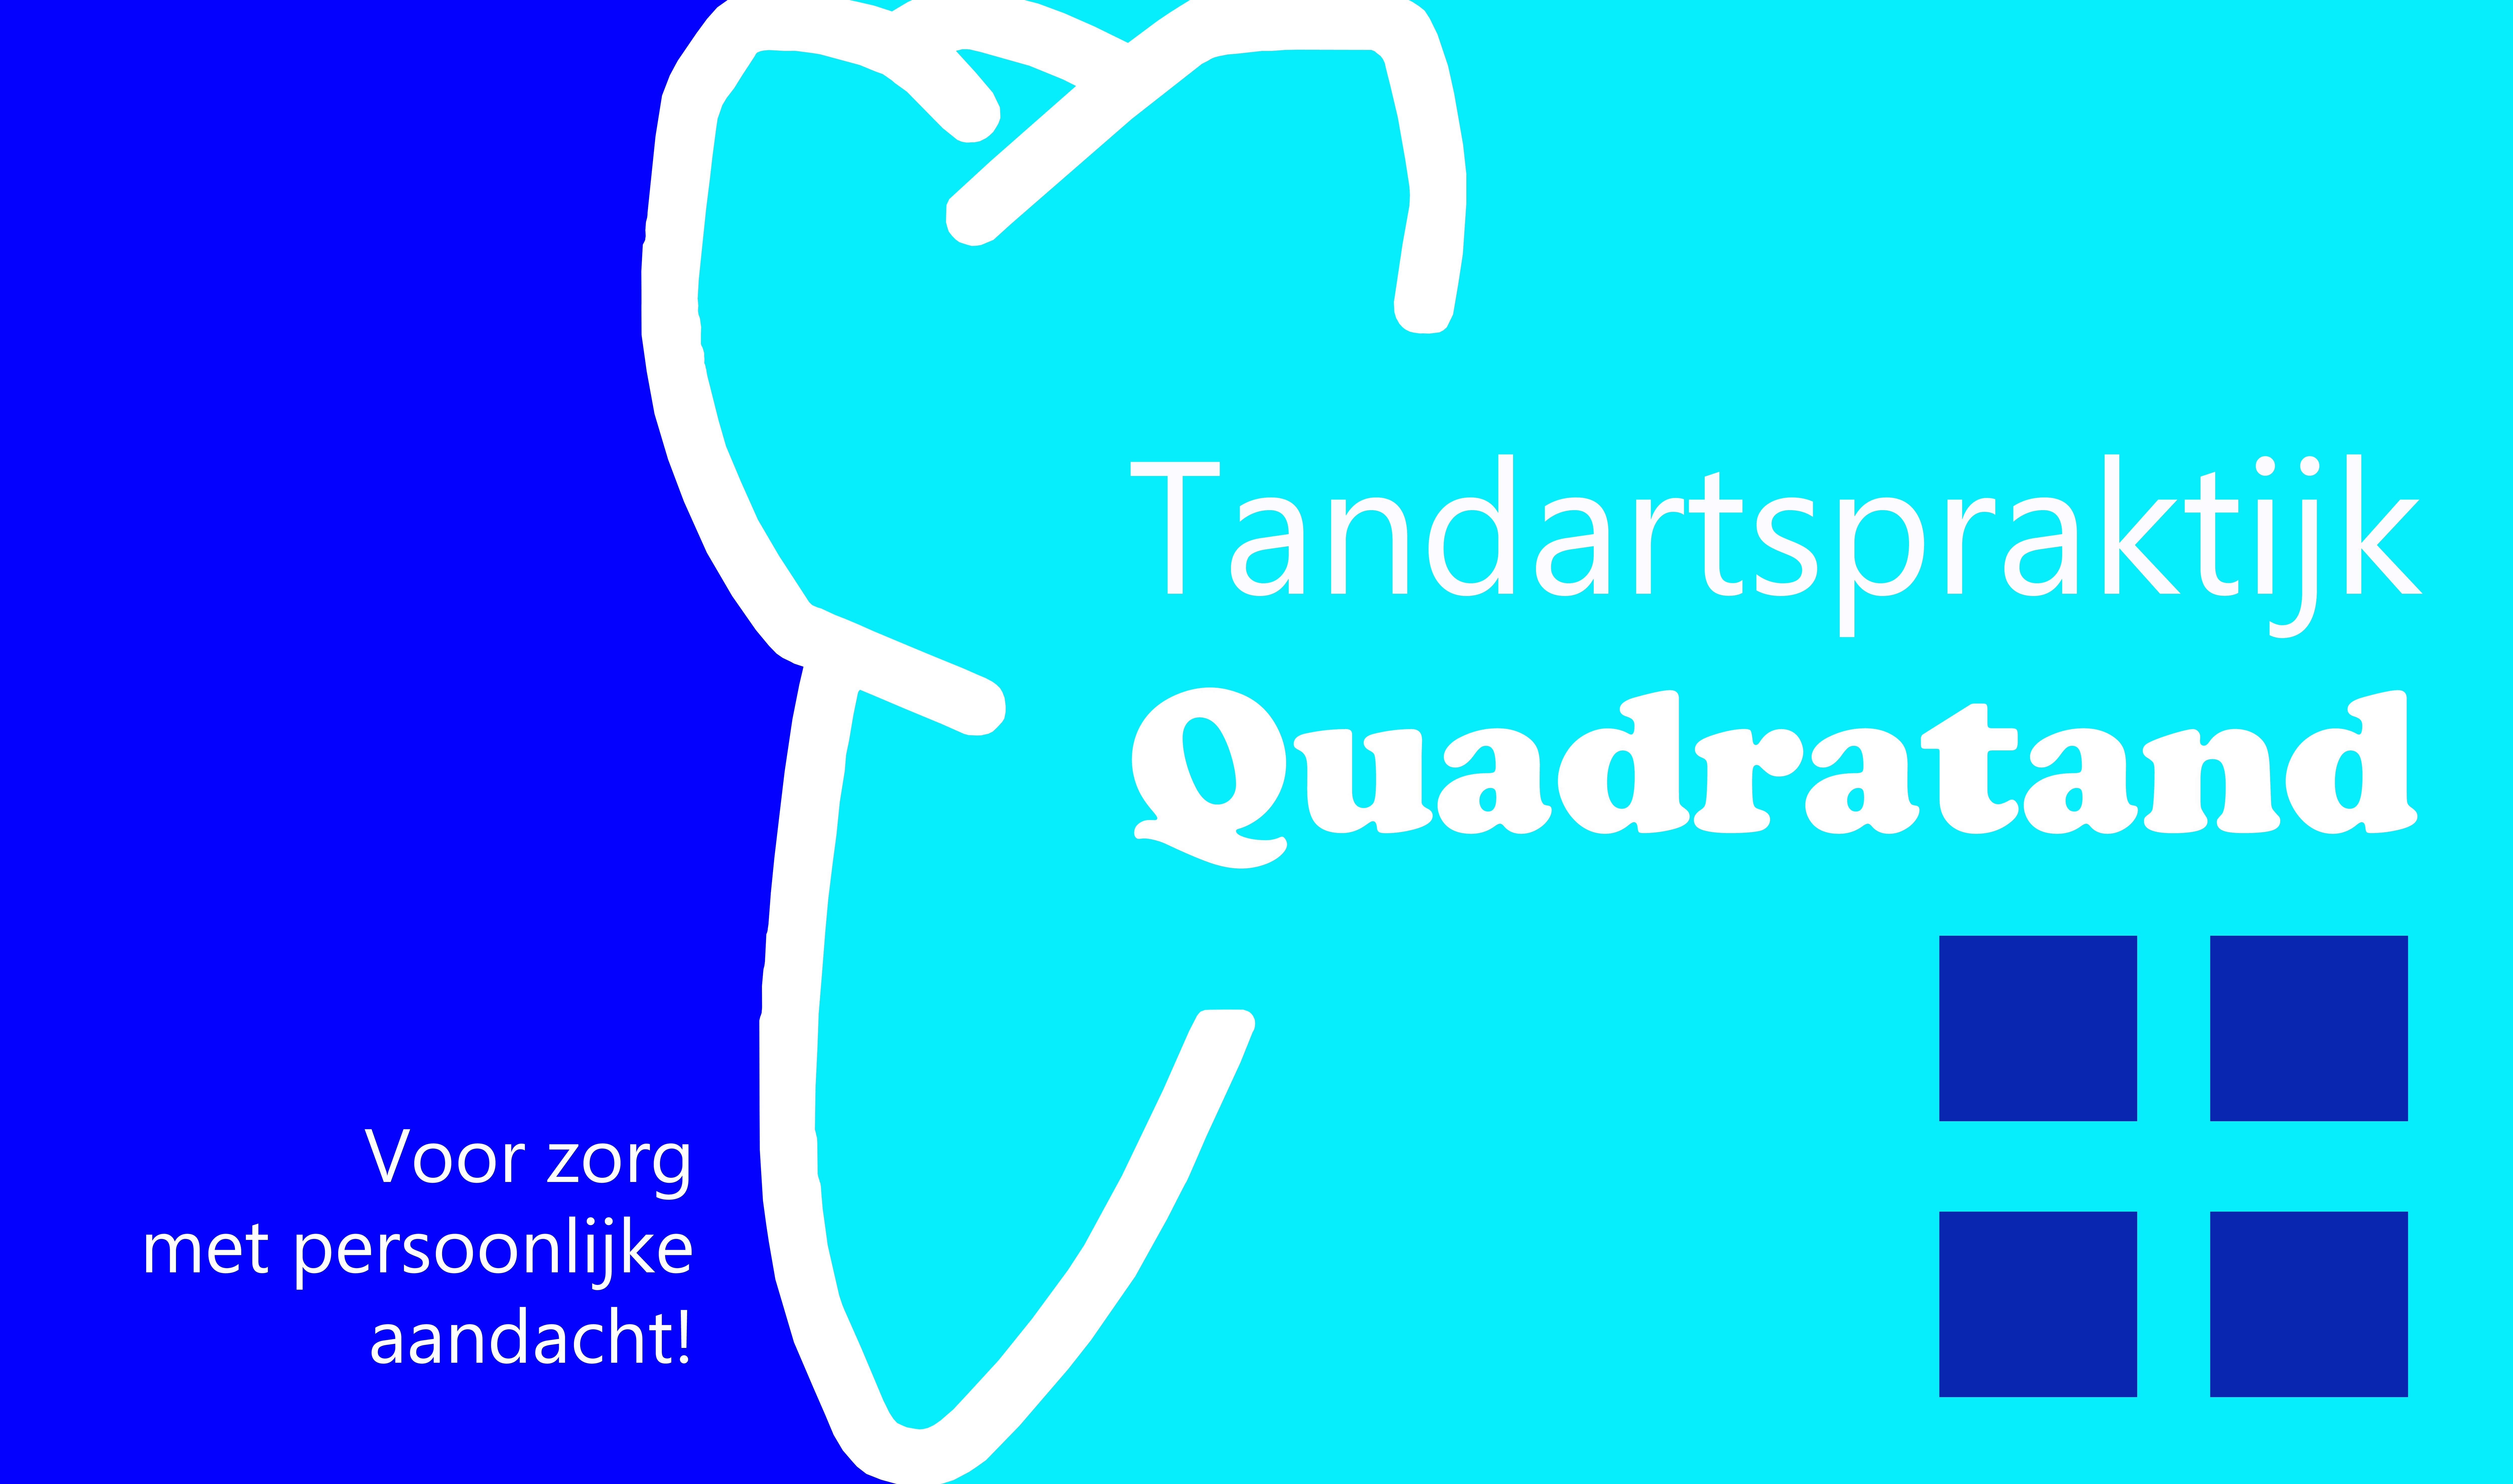 Quadratand